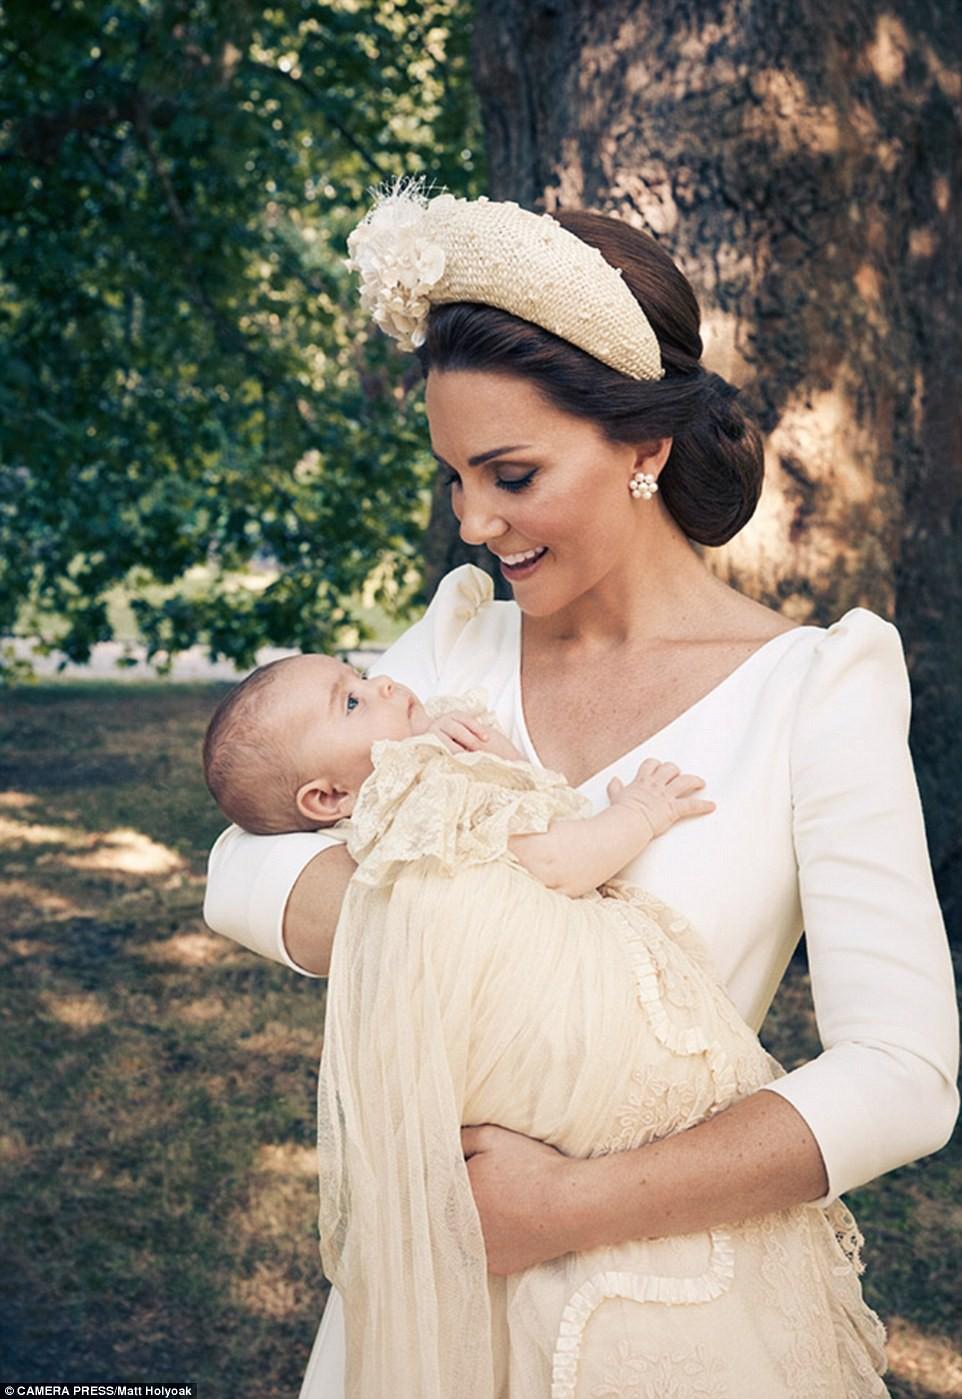 Công bố ảnh chính thức lễ rửa tội Hoàng tử Louis: Gia đình William - Kate hạnh phúc rạng ngời, nhà ngoại đẹp lấn át thông gia bên nội - Ảnh 2.